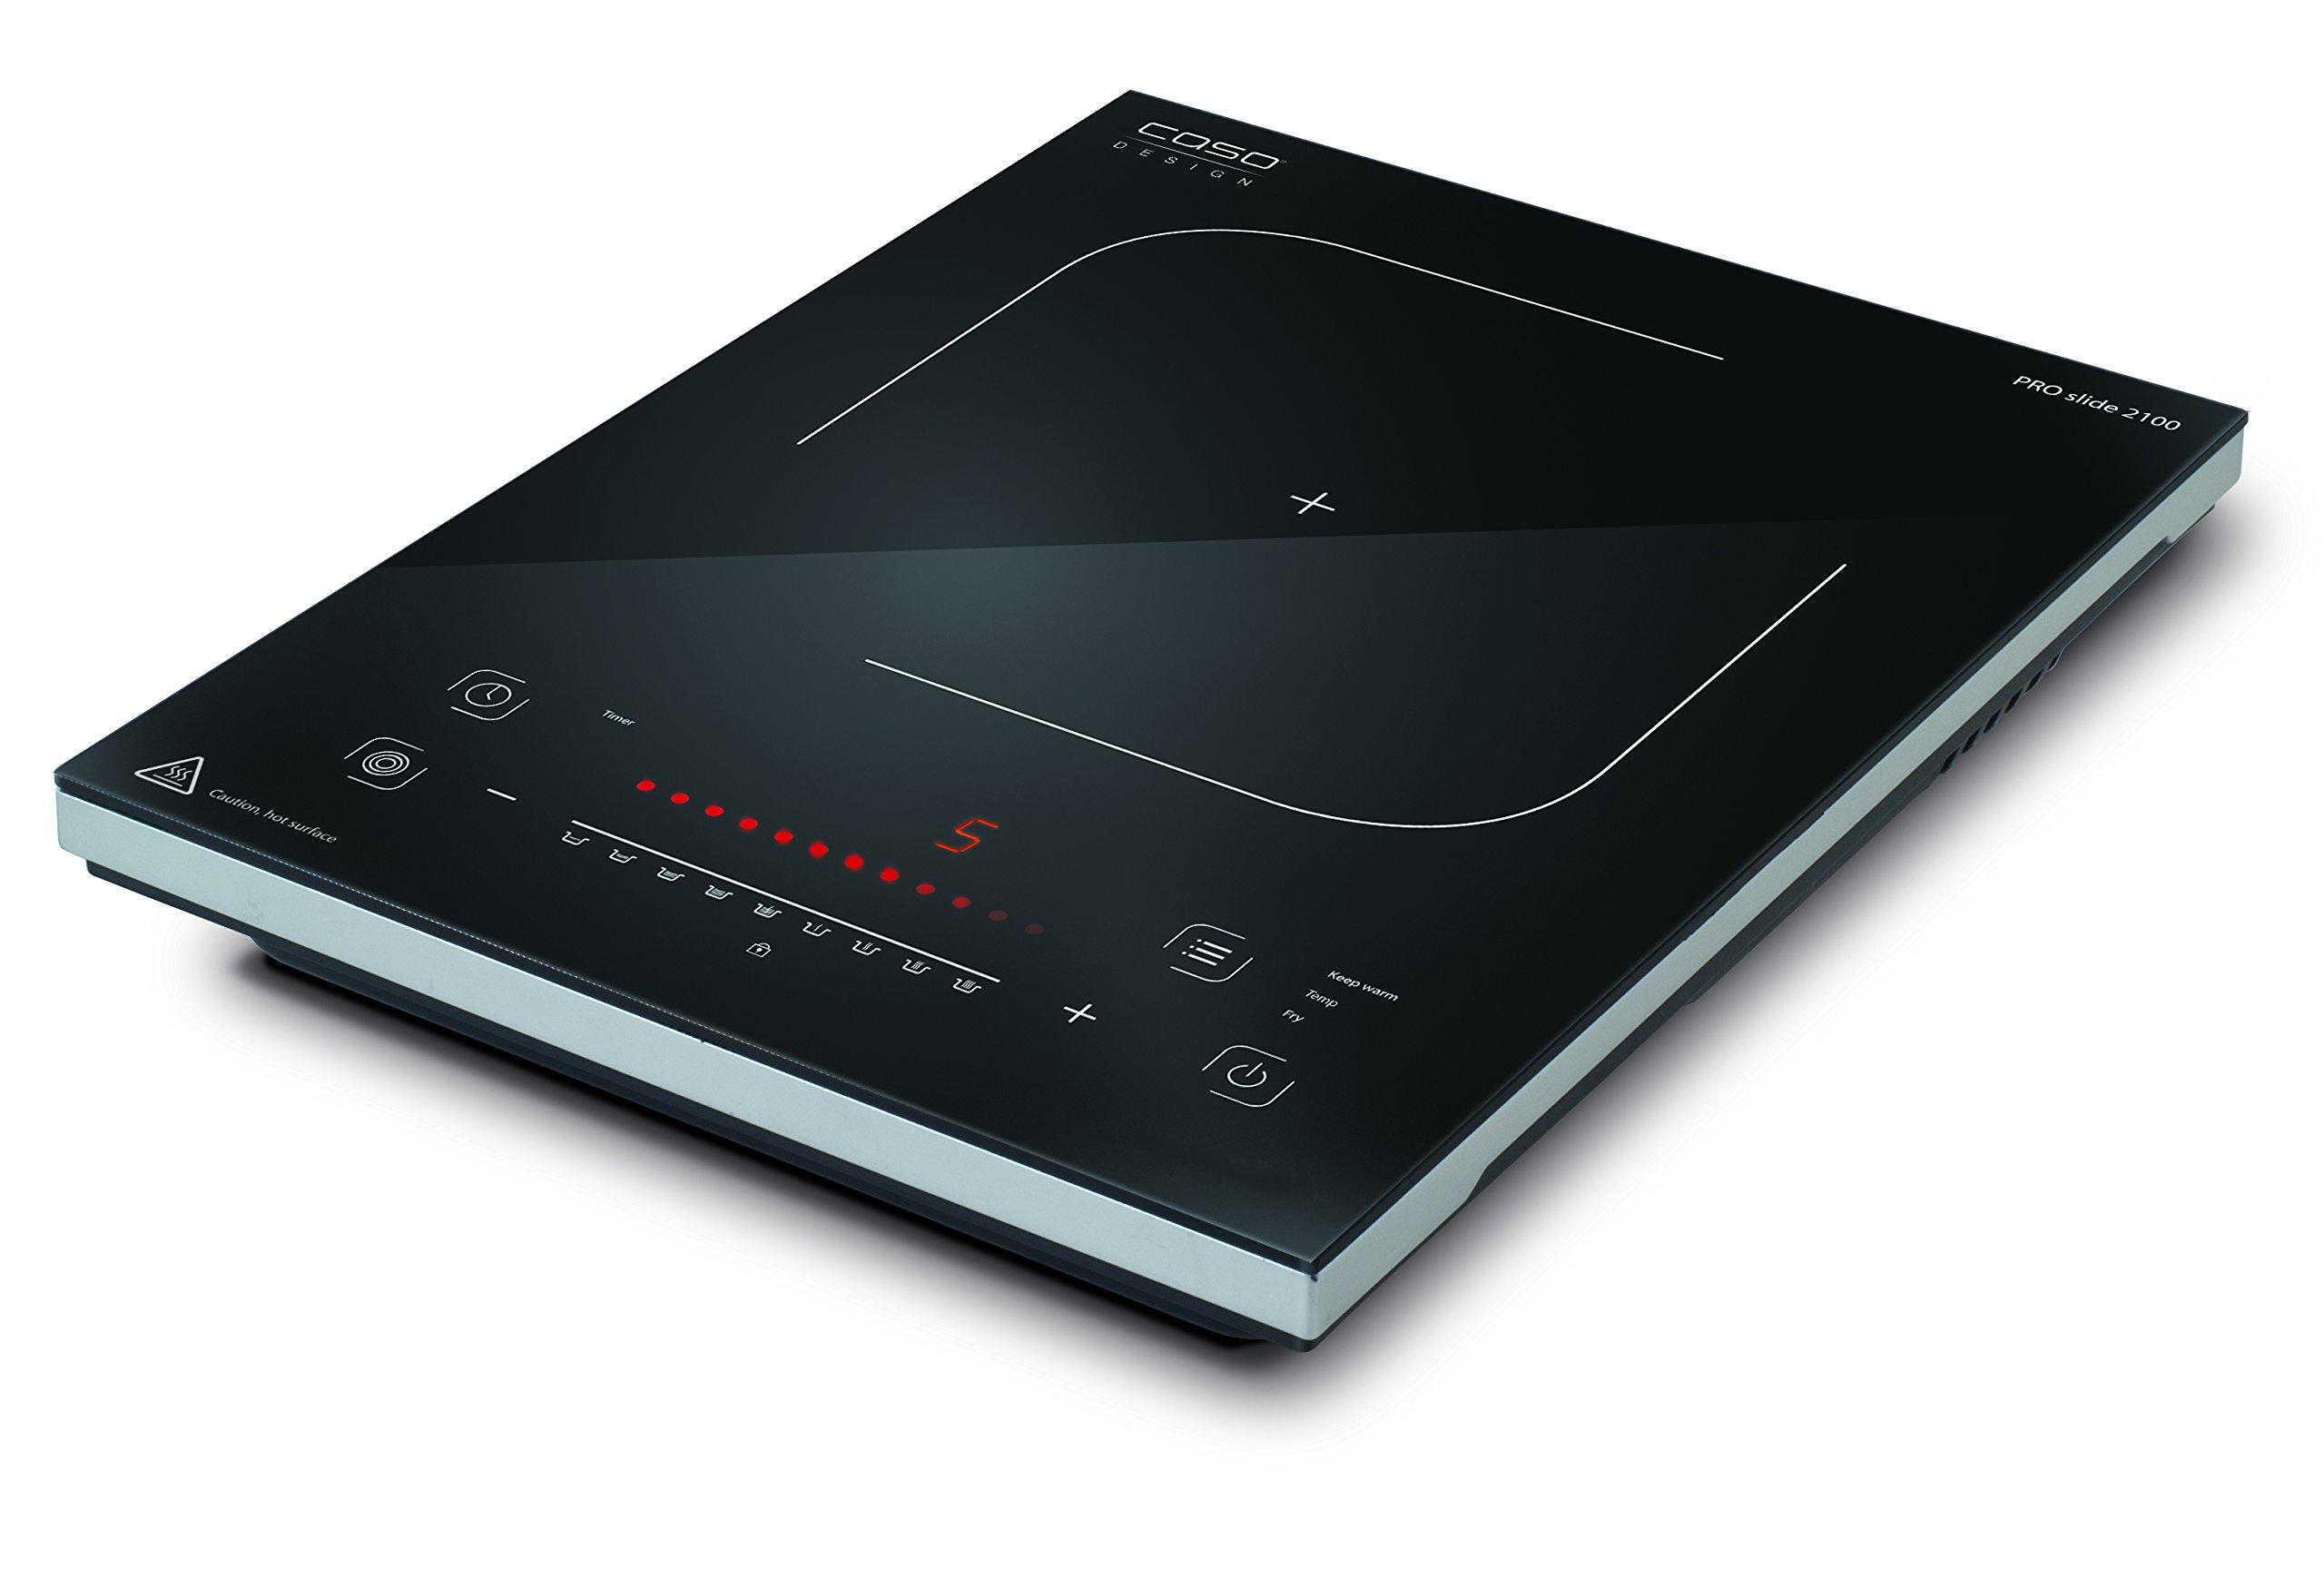 Caso PRO Slide 2100 Tabletop Ceramic Black - hobs (Tabletop, Ceramic, Glass-ceramic, Black, Sensor,